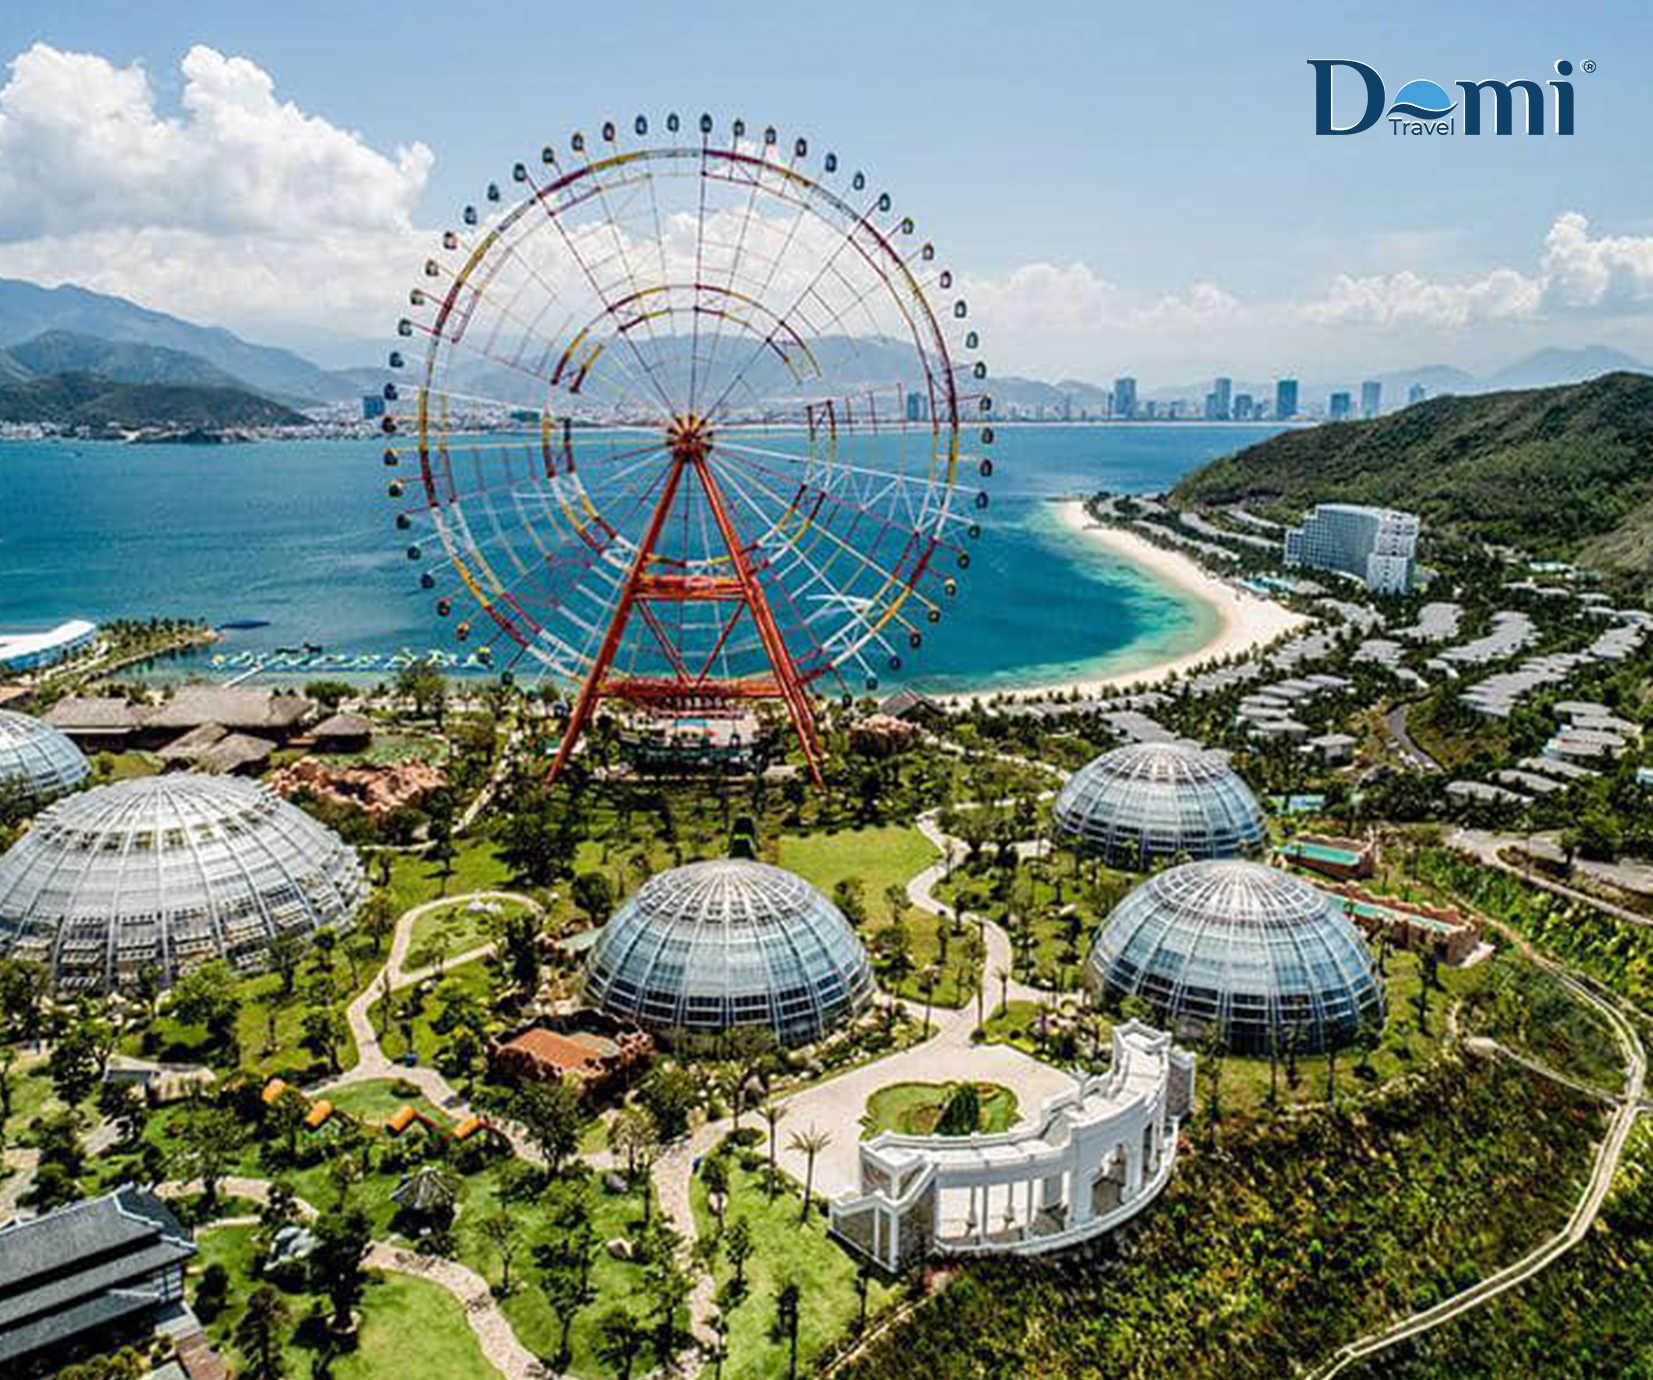 Booking khách sạn nghỉ dưỡng đẳng cấp 5 sao tại Vinpearl Resort Nha Trang + Xe đón tiễn tại Sân Bay + Safari không giới hạn.